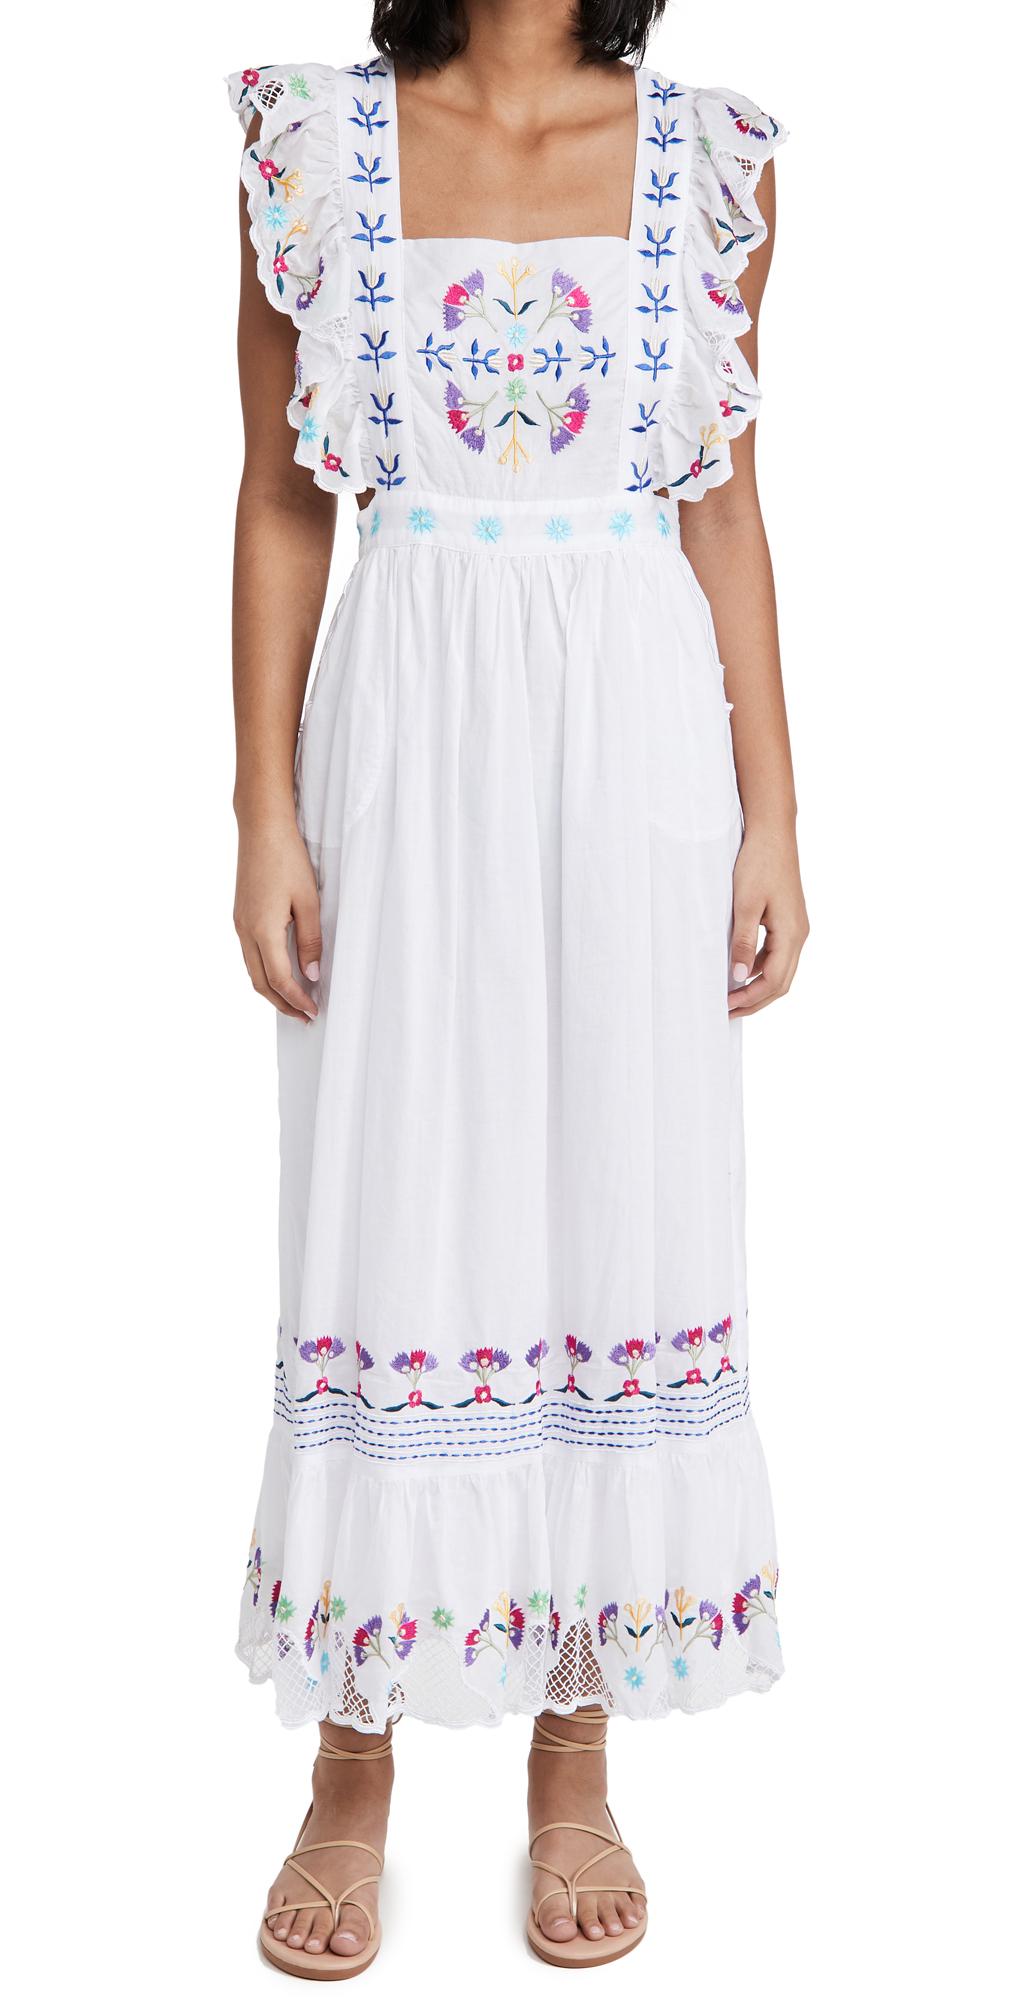 CeliaB Wild Rose Dress